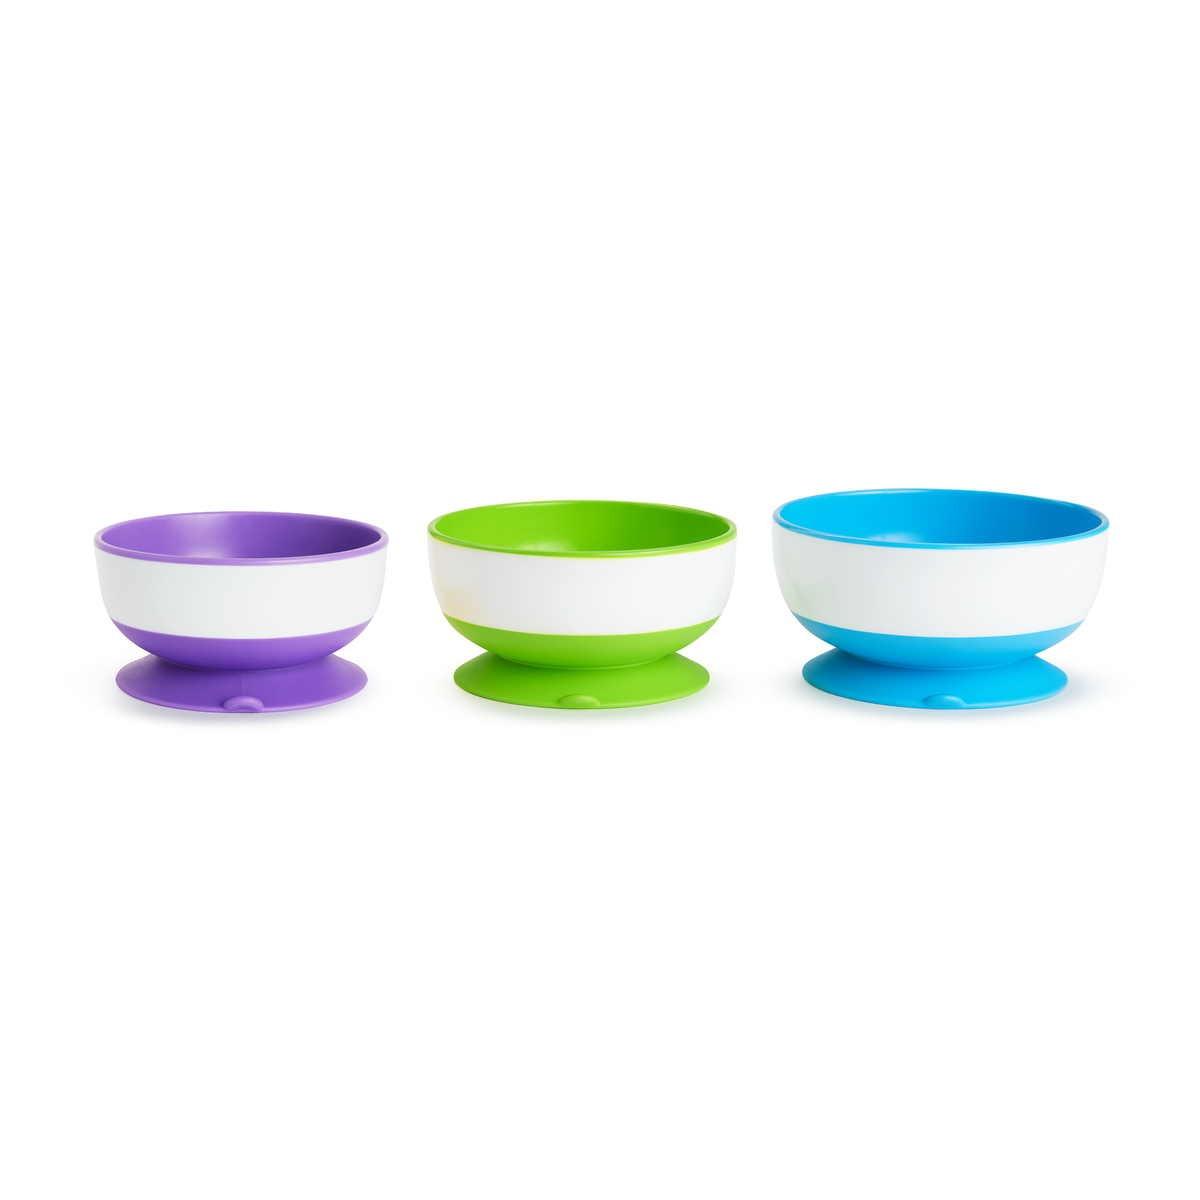 Μπολάκι Χ 3, με βεντούζα, Stay-put suction bowls - Munchkin